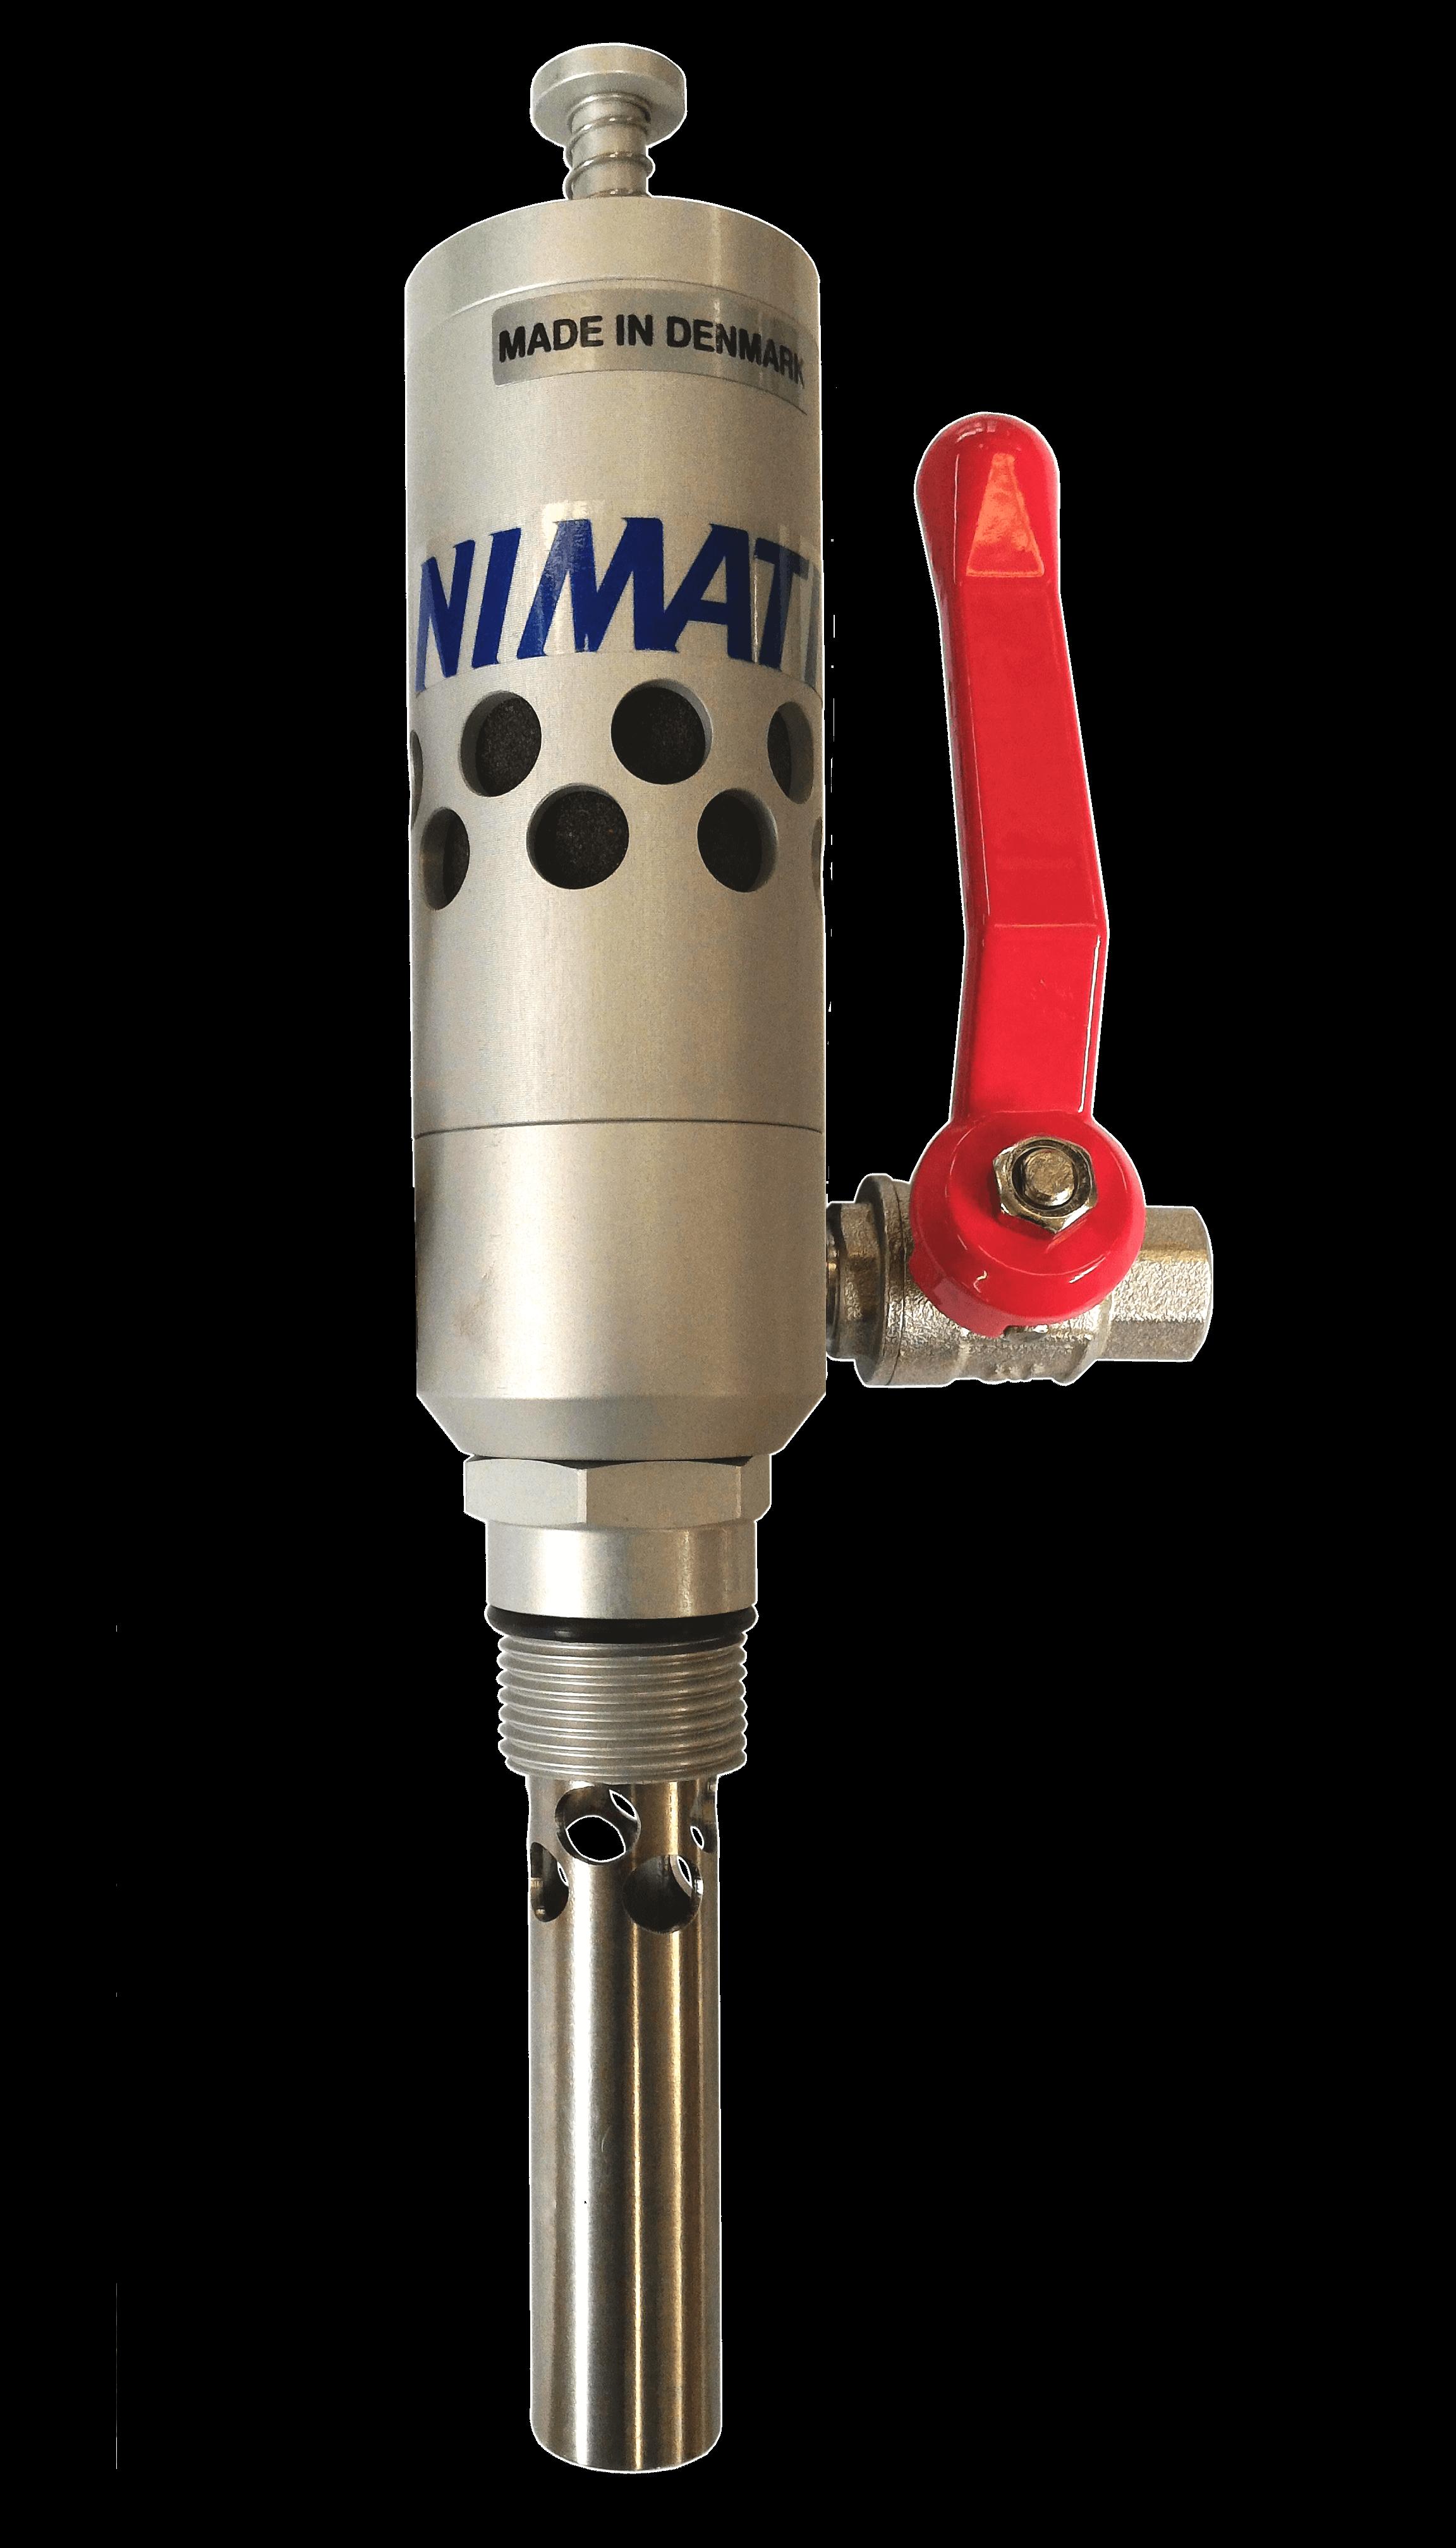 Druckluft-Fasspumpe NC-200 mit Druckregler